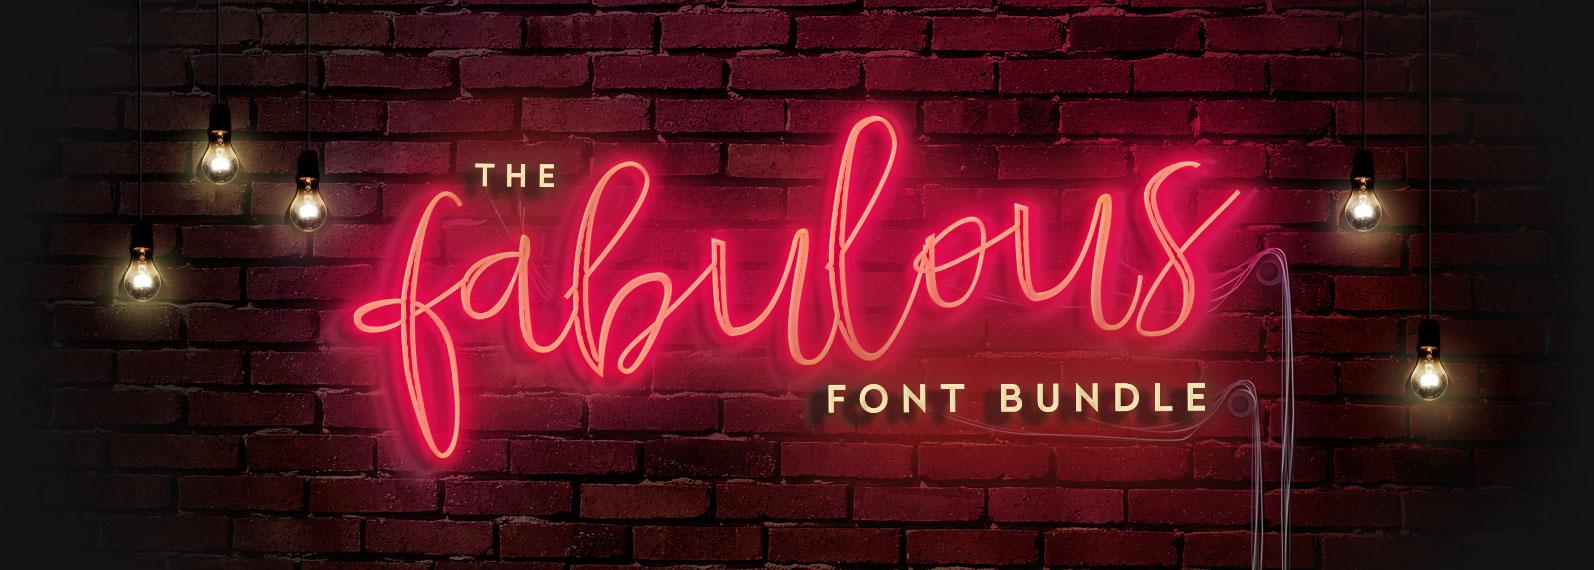 The Fabulous Font Bundle Cover